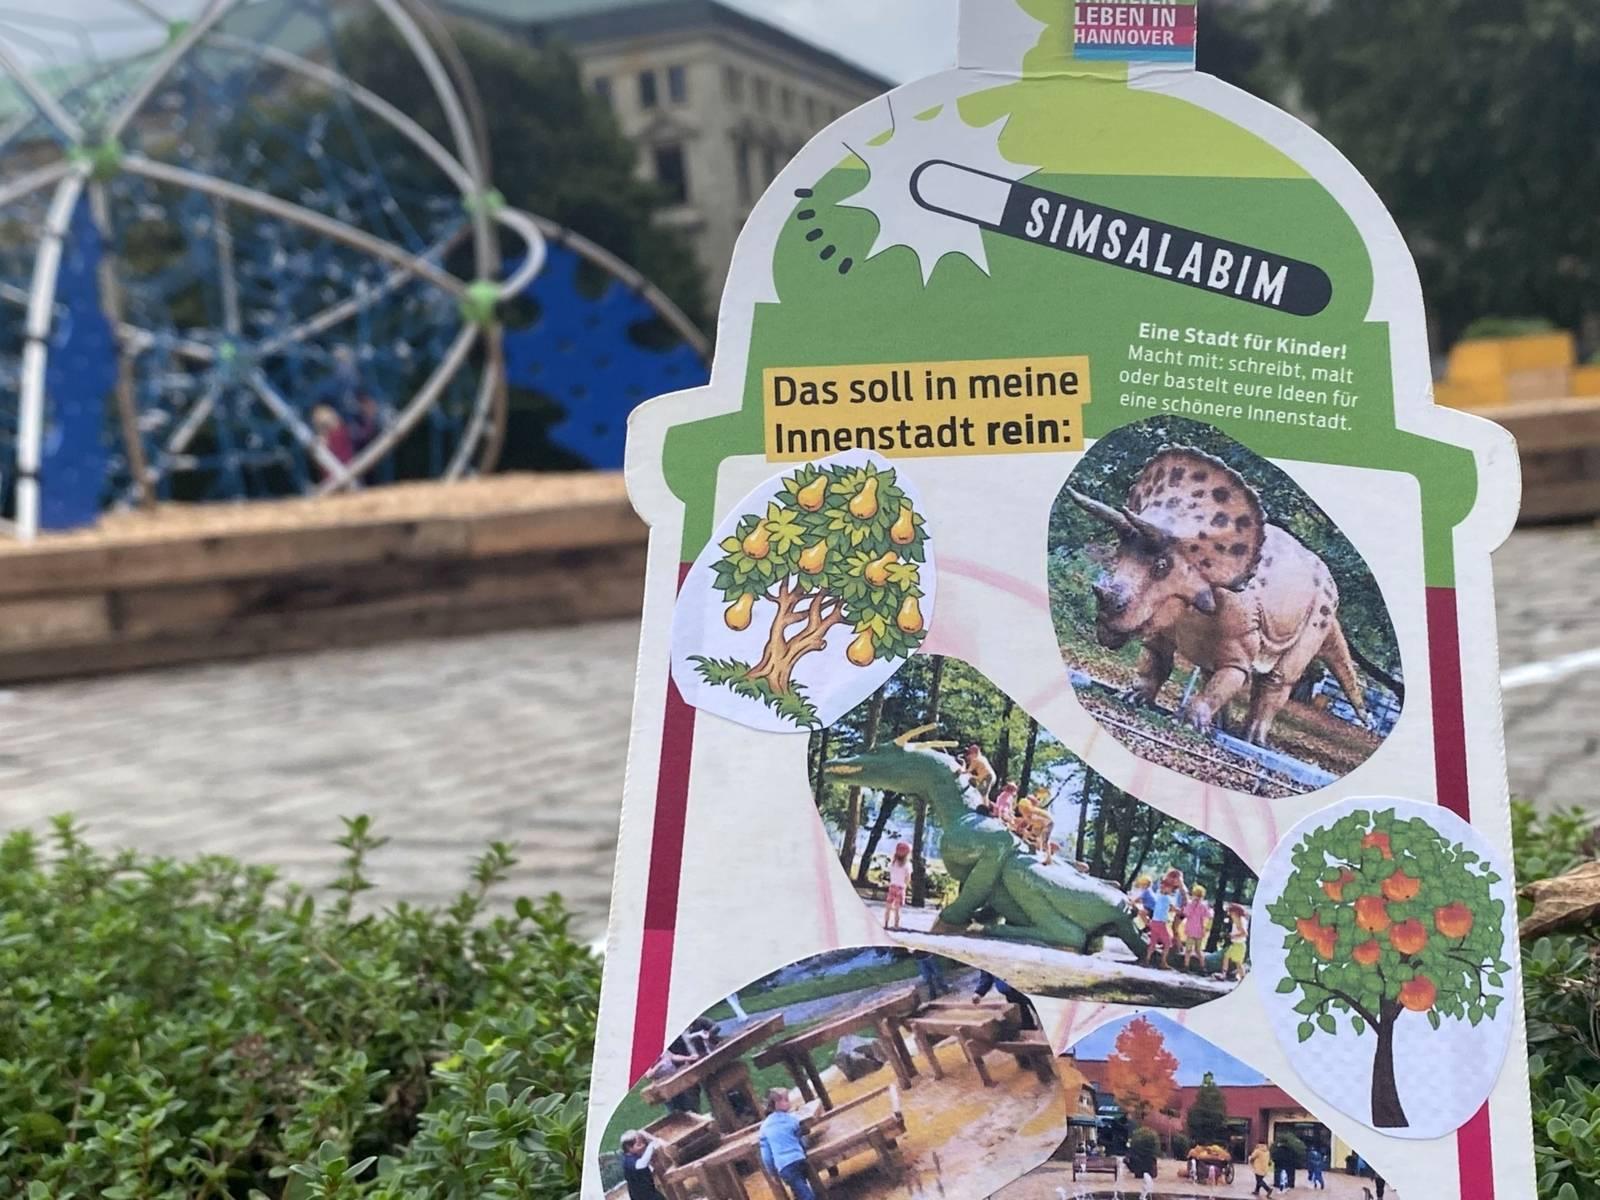 Im Hintergrund ein großes Klettergerüst in Unschärfe. Rechts eine Malkarte Simsalabim das soll rein Spielgeräte in Saurierformat